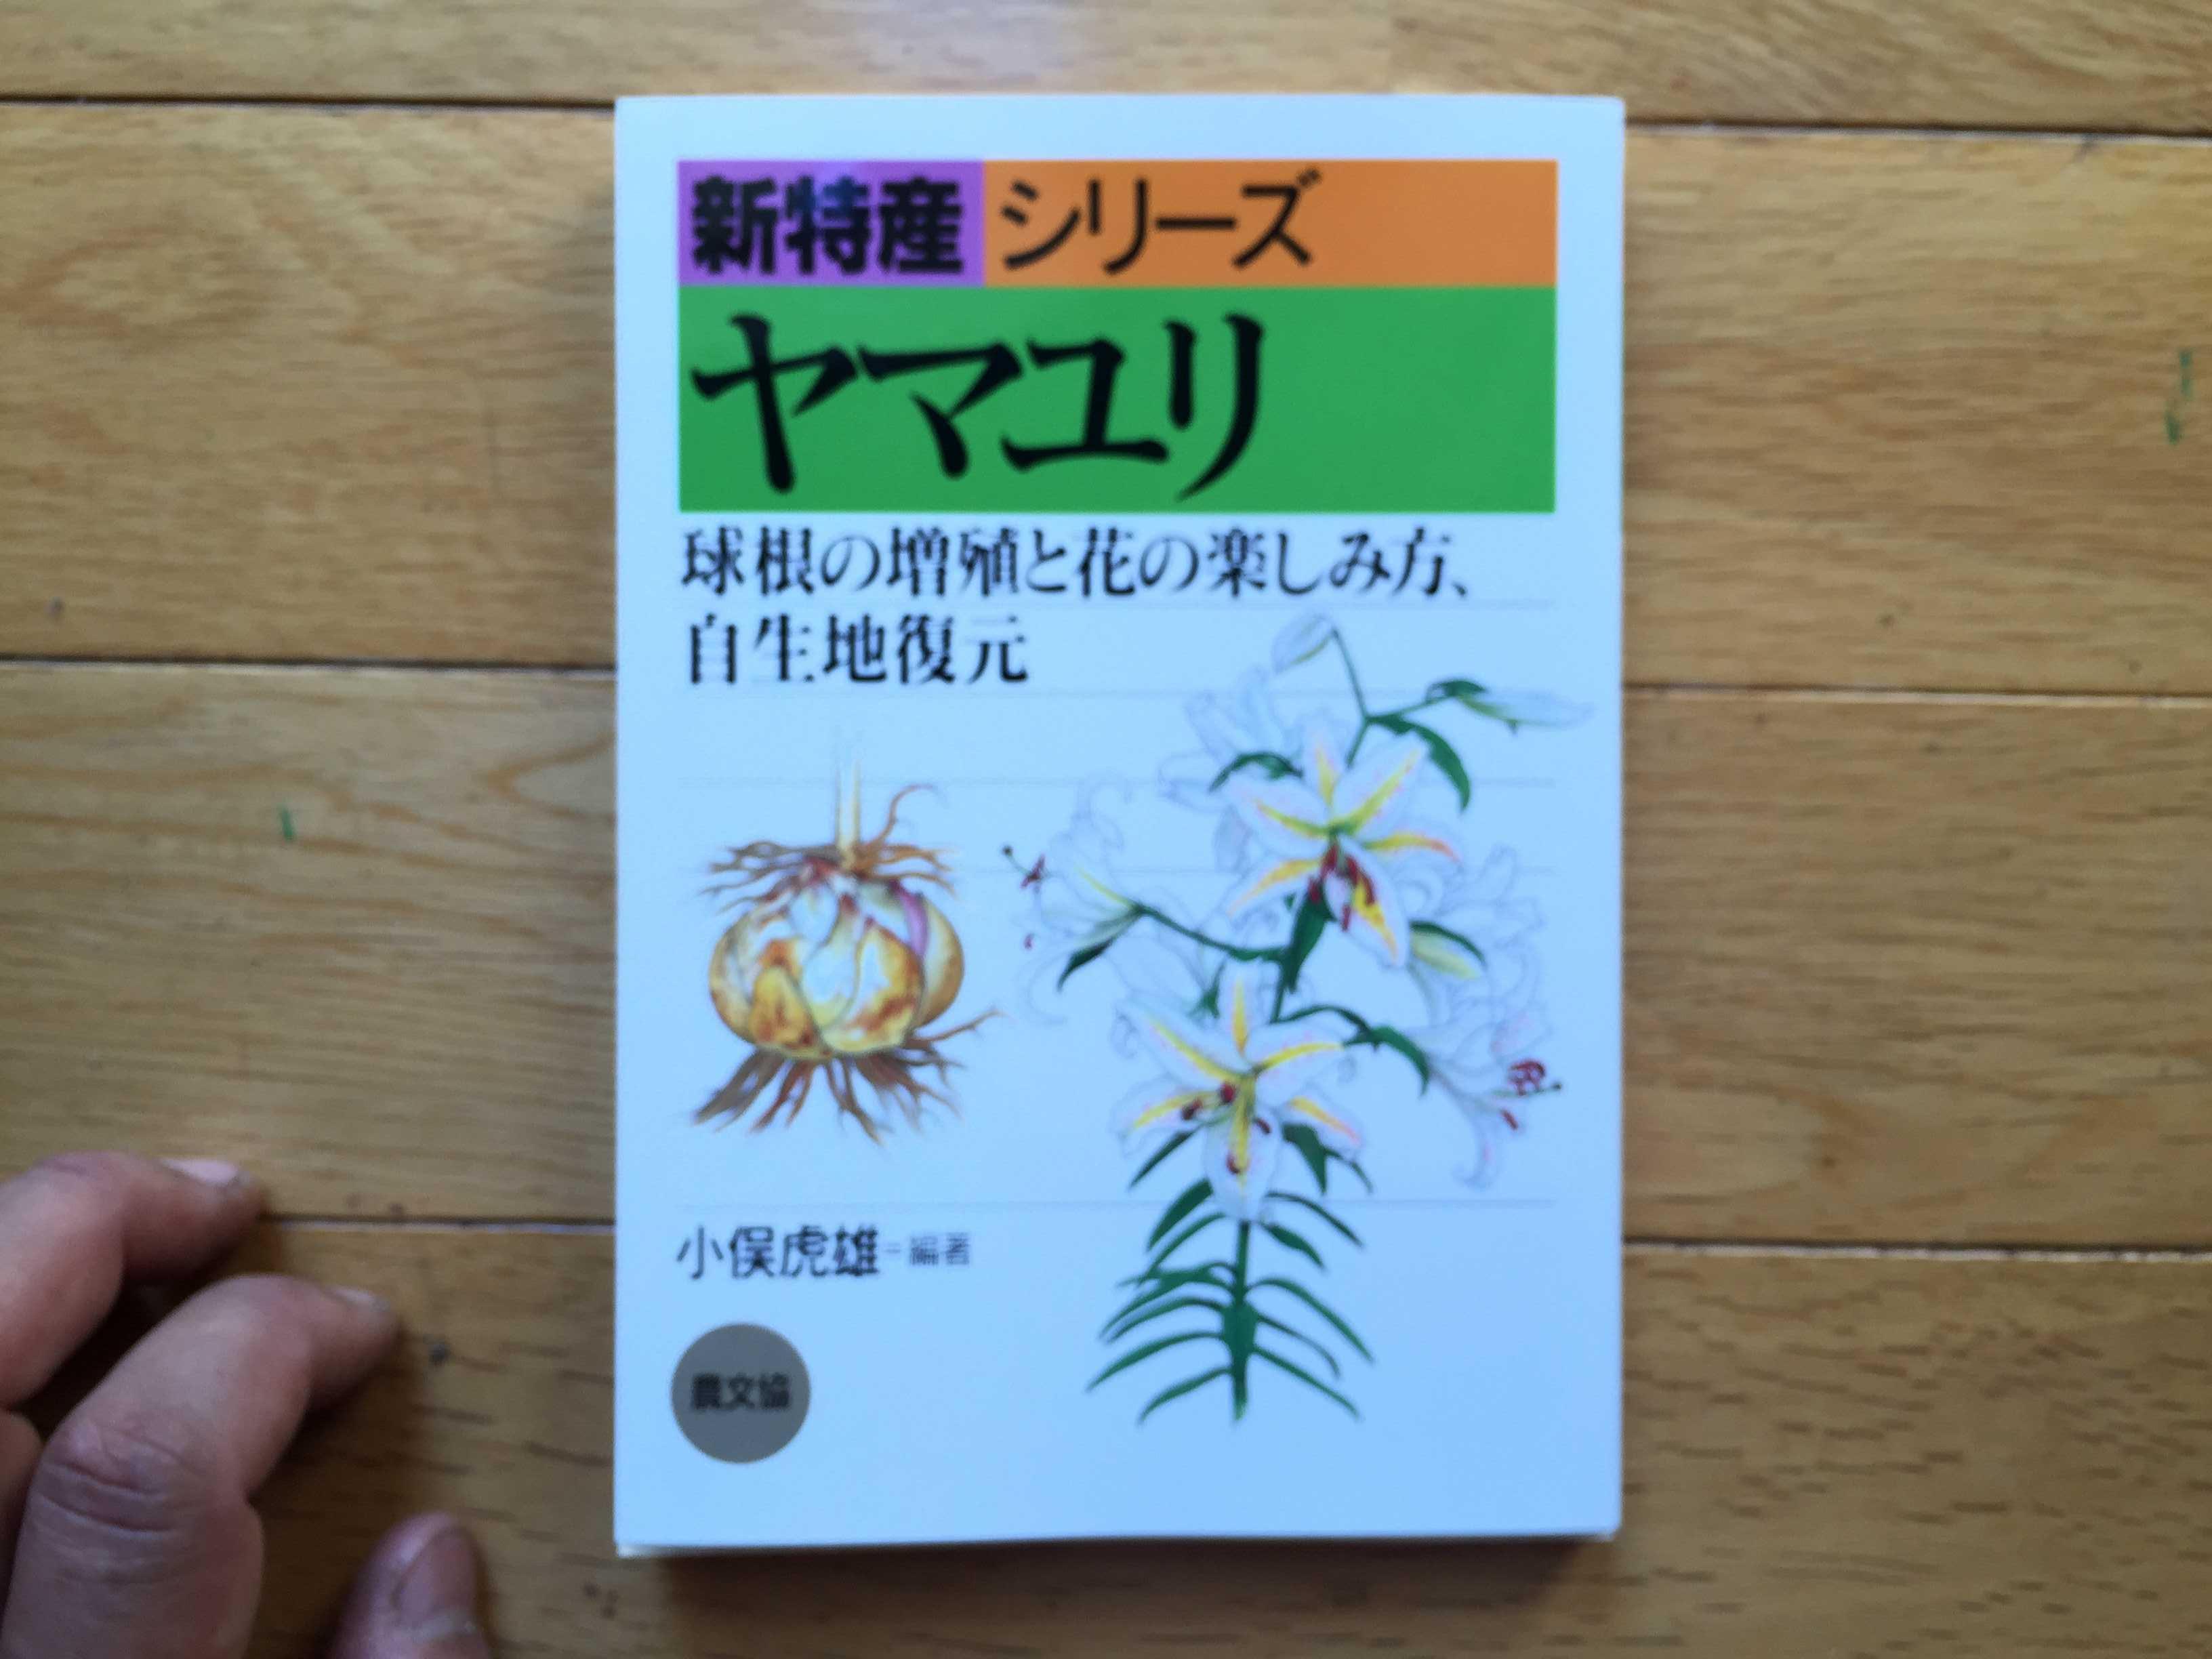 新特産シリーズ ヤマユリ -球根の増殖と花の楽しみ方、自生地復元-